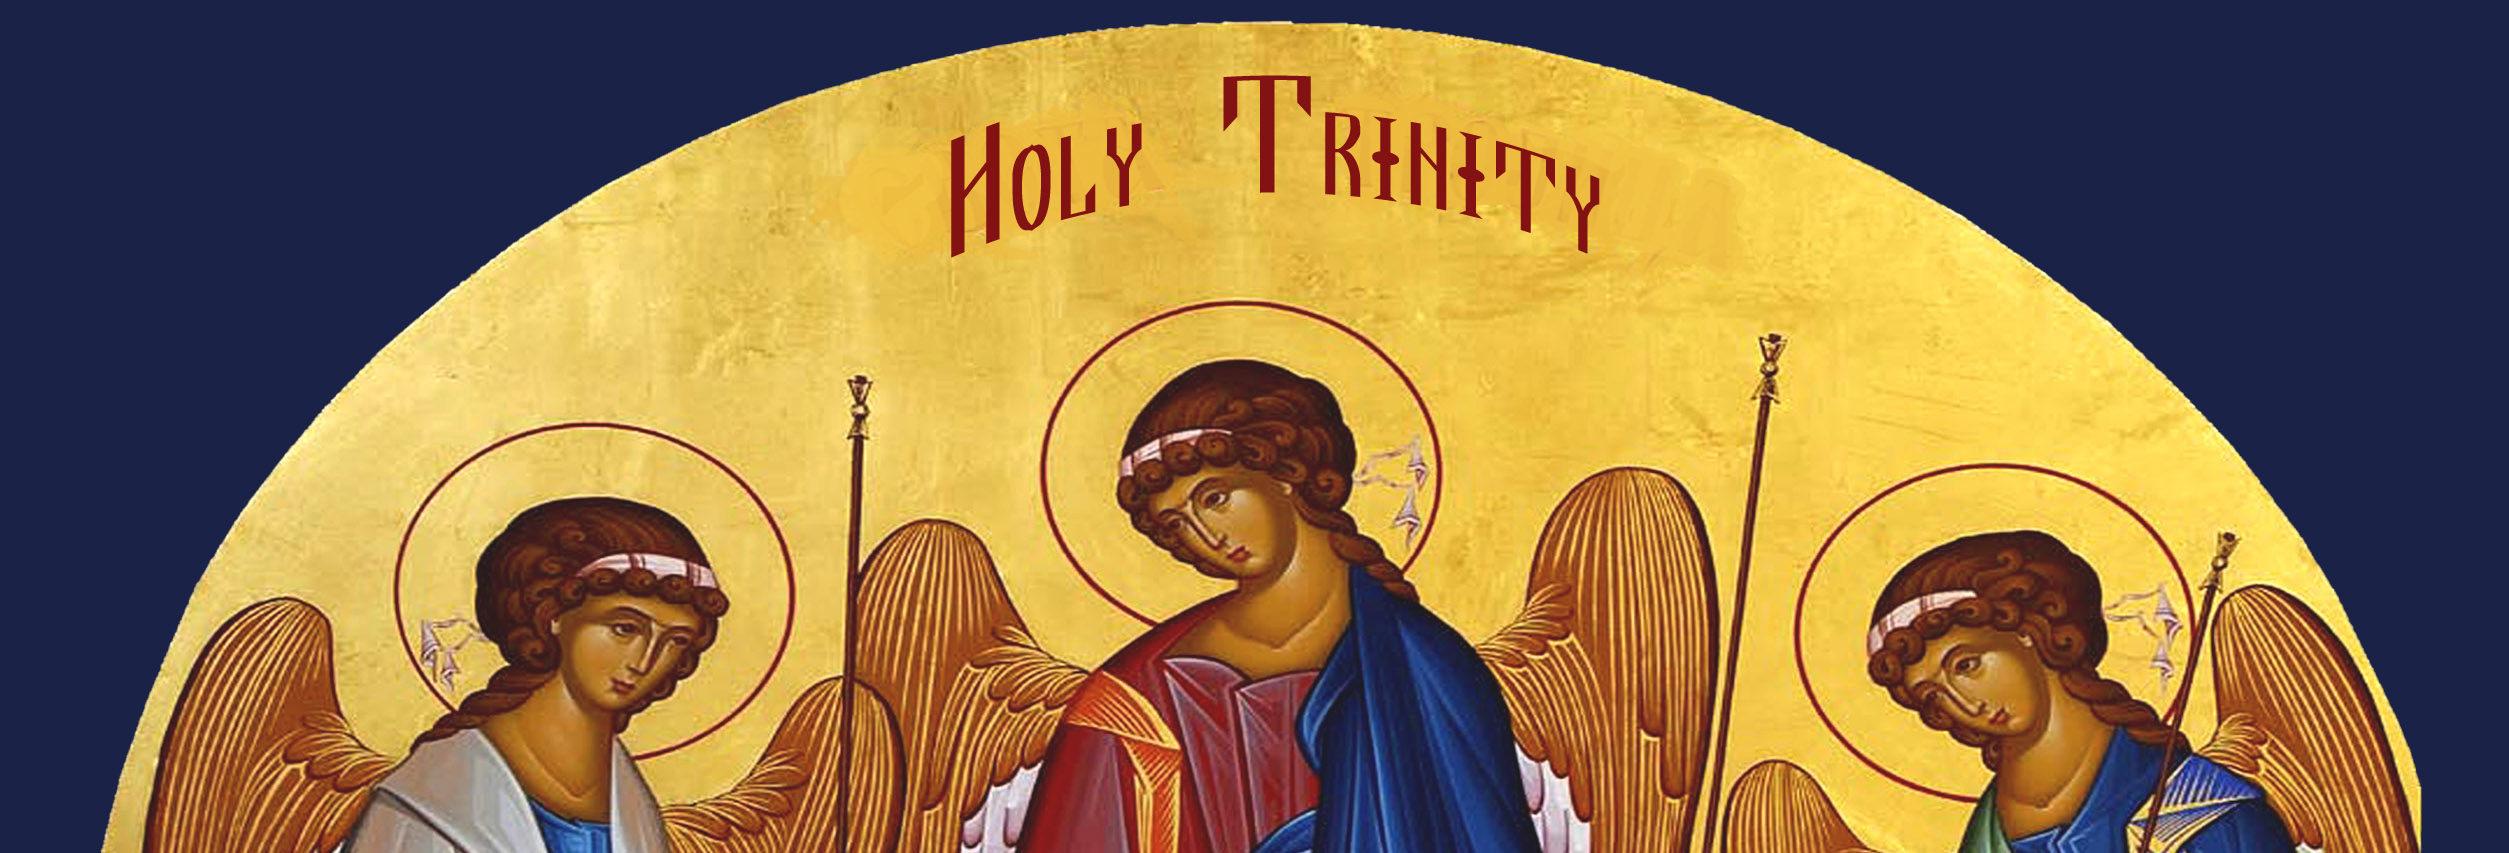 Bulletin for Sunday, May 27, 2018 – The Holy Trinity